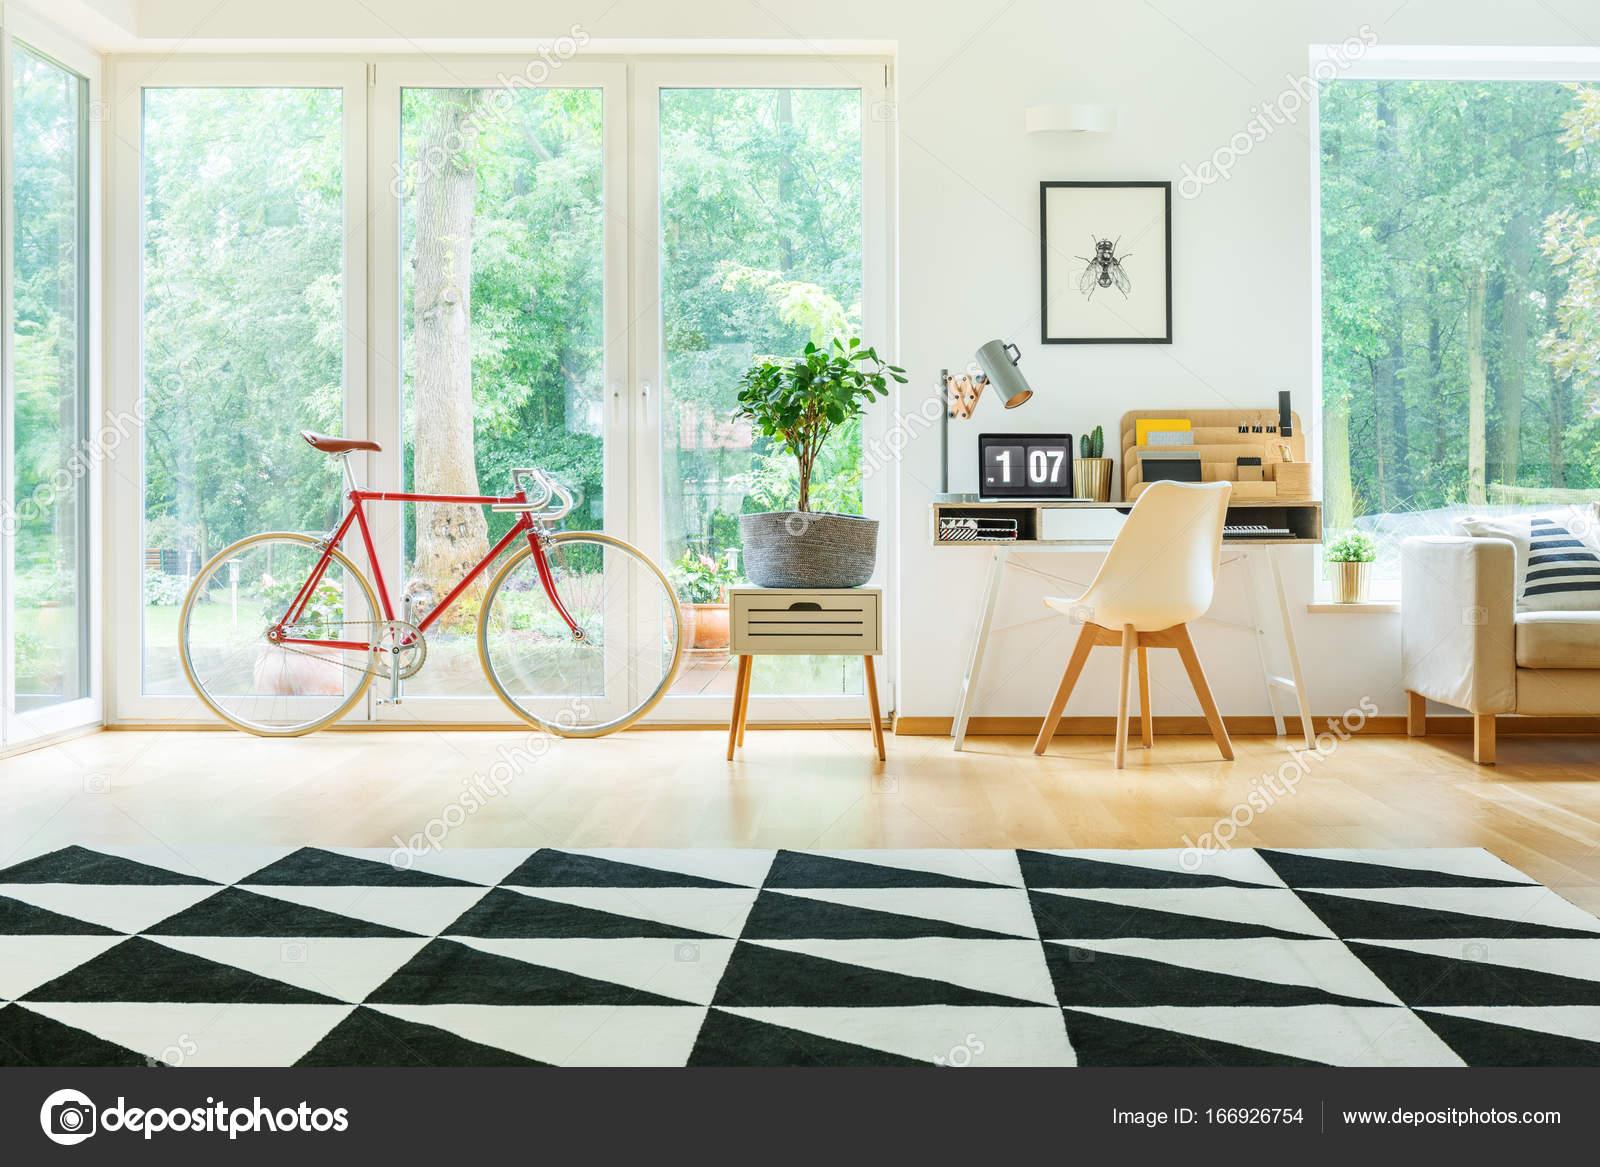 Schreibtisch Im Wohnzimmer Stockfoto C Photographee Eu 166926754